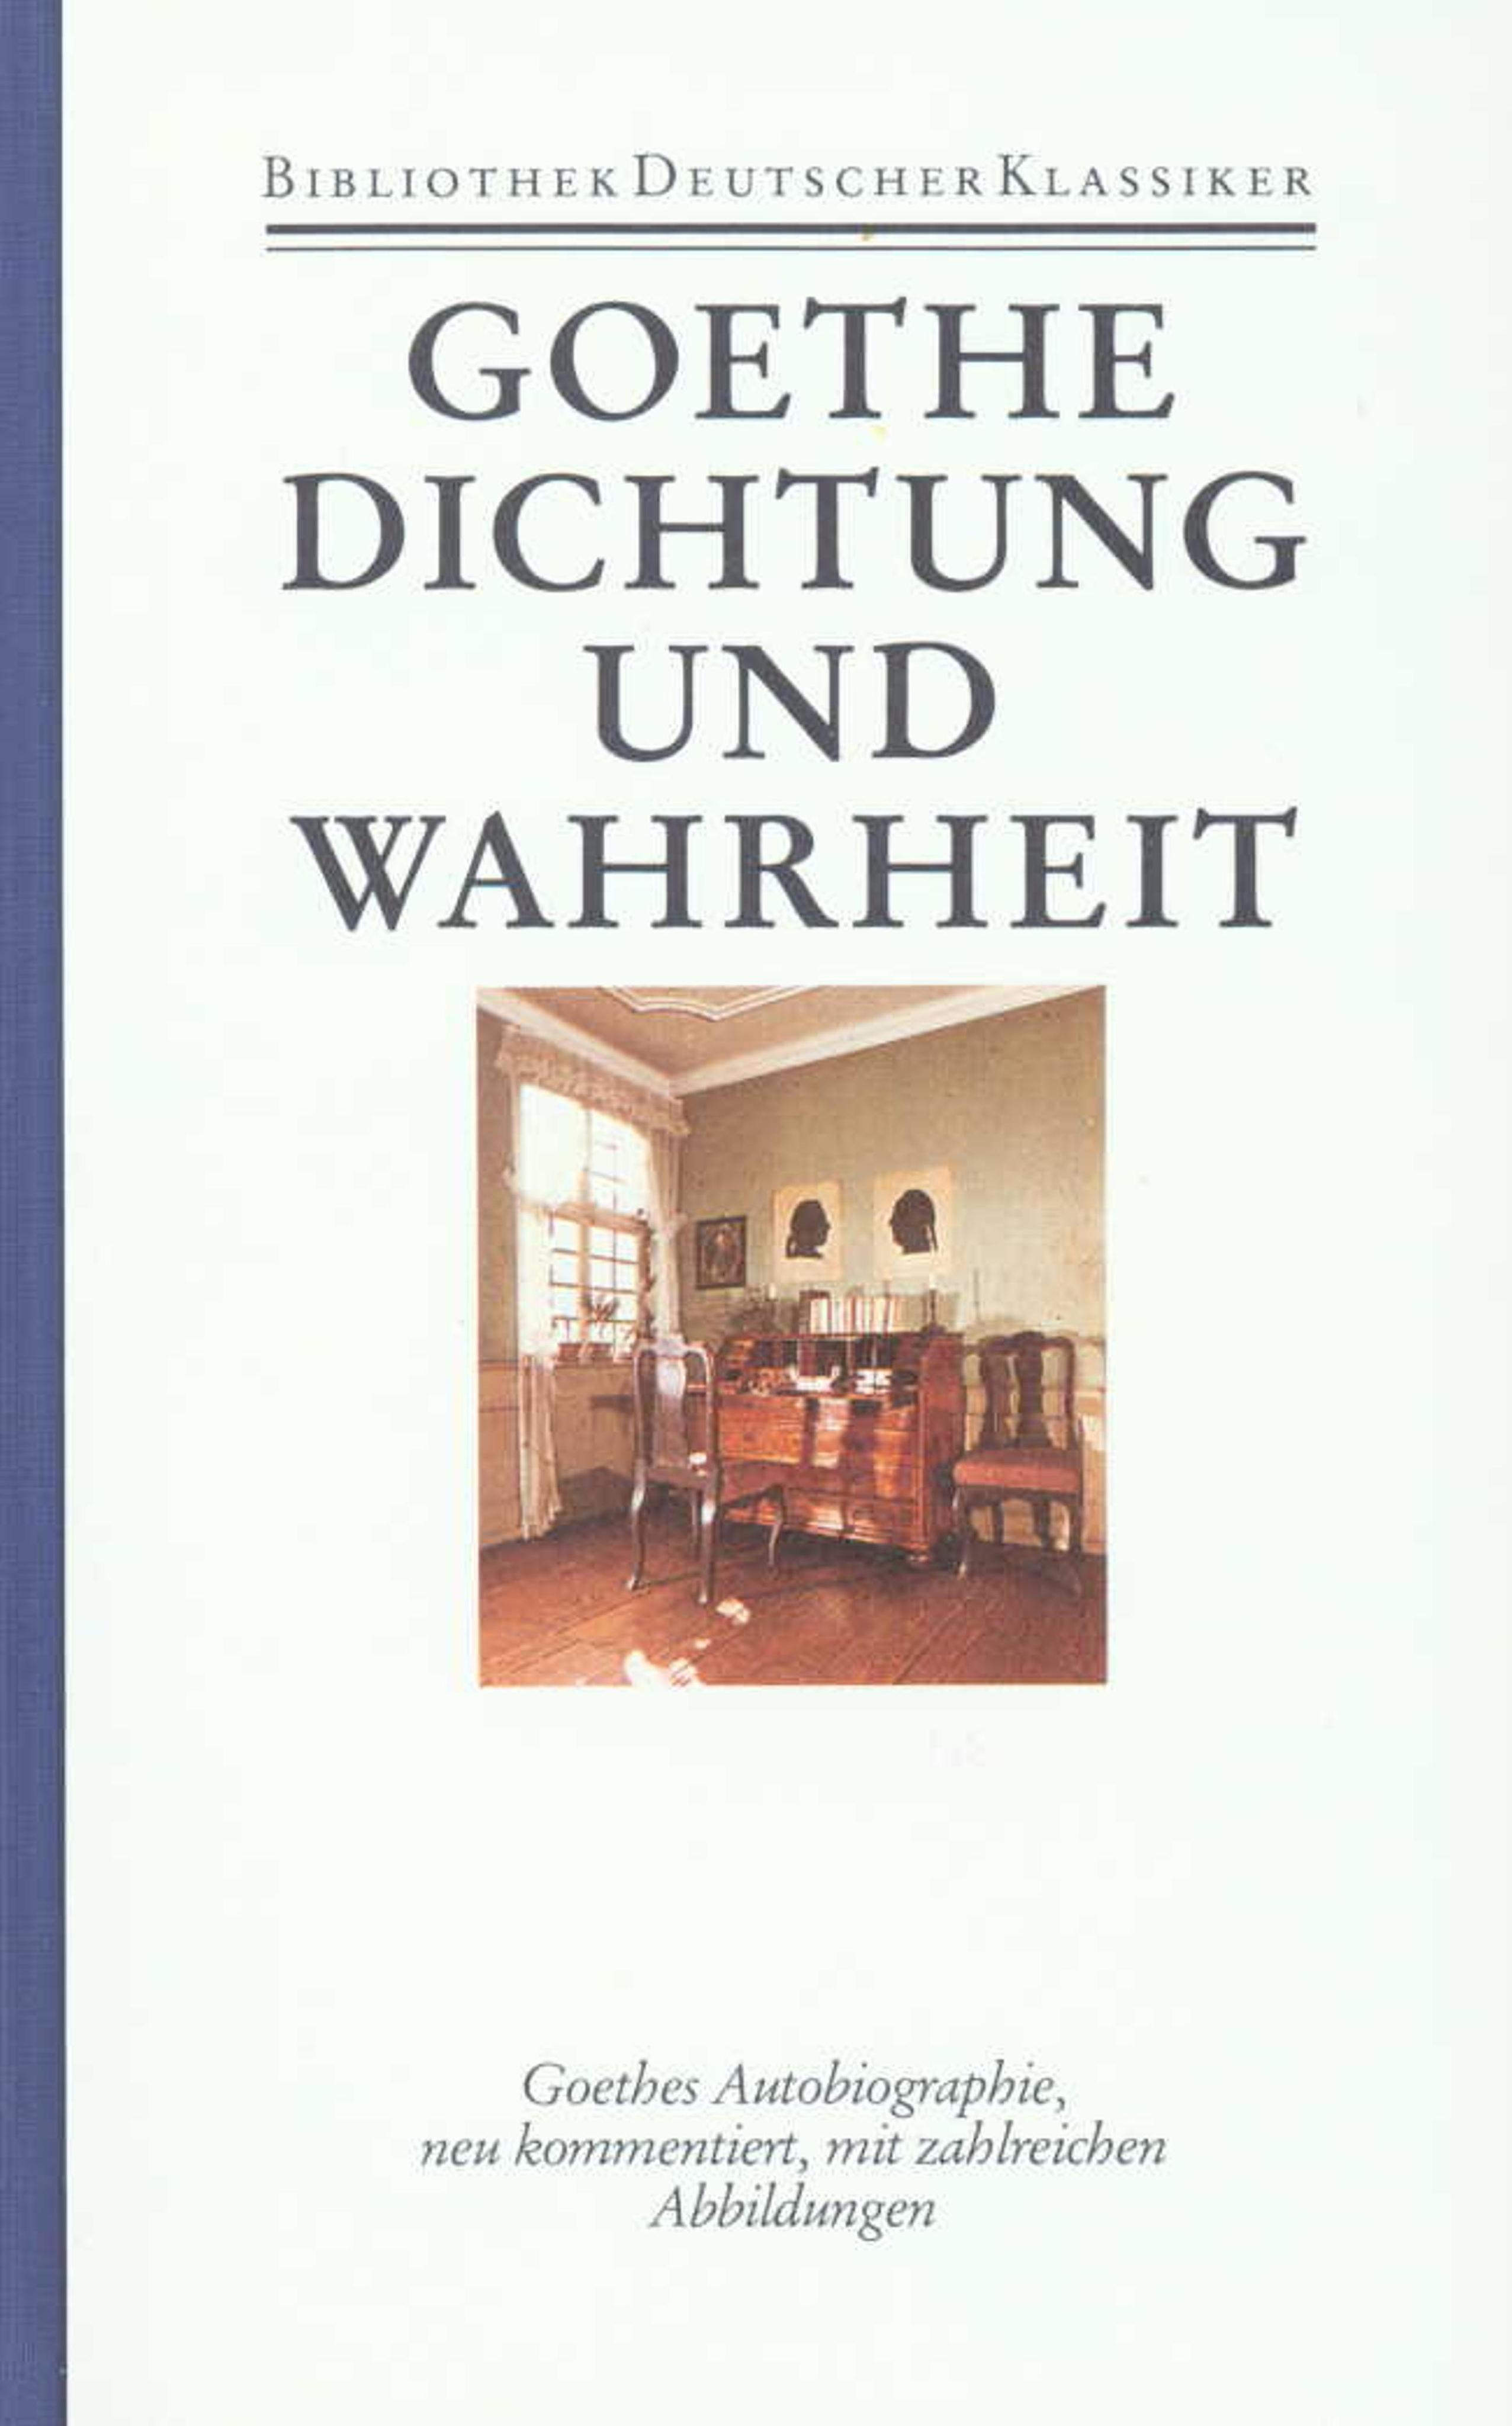 Johann-Wolfgang-von-Goethe-Autobiographische-Schriften-1-Di-9783618603405